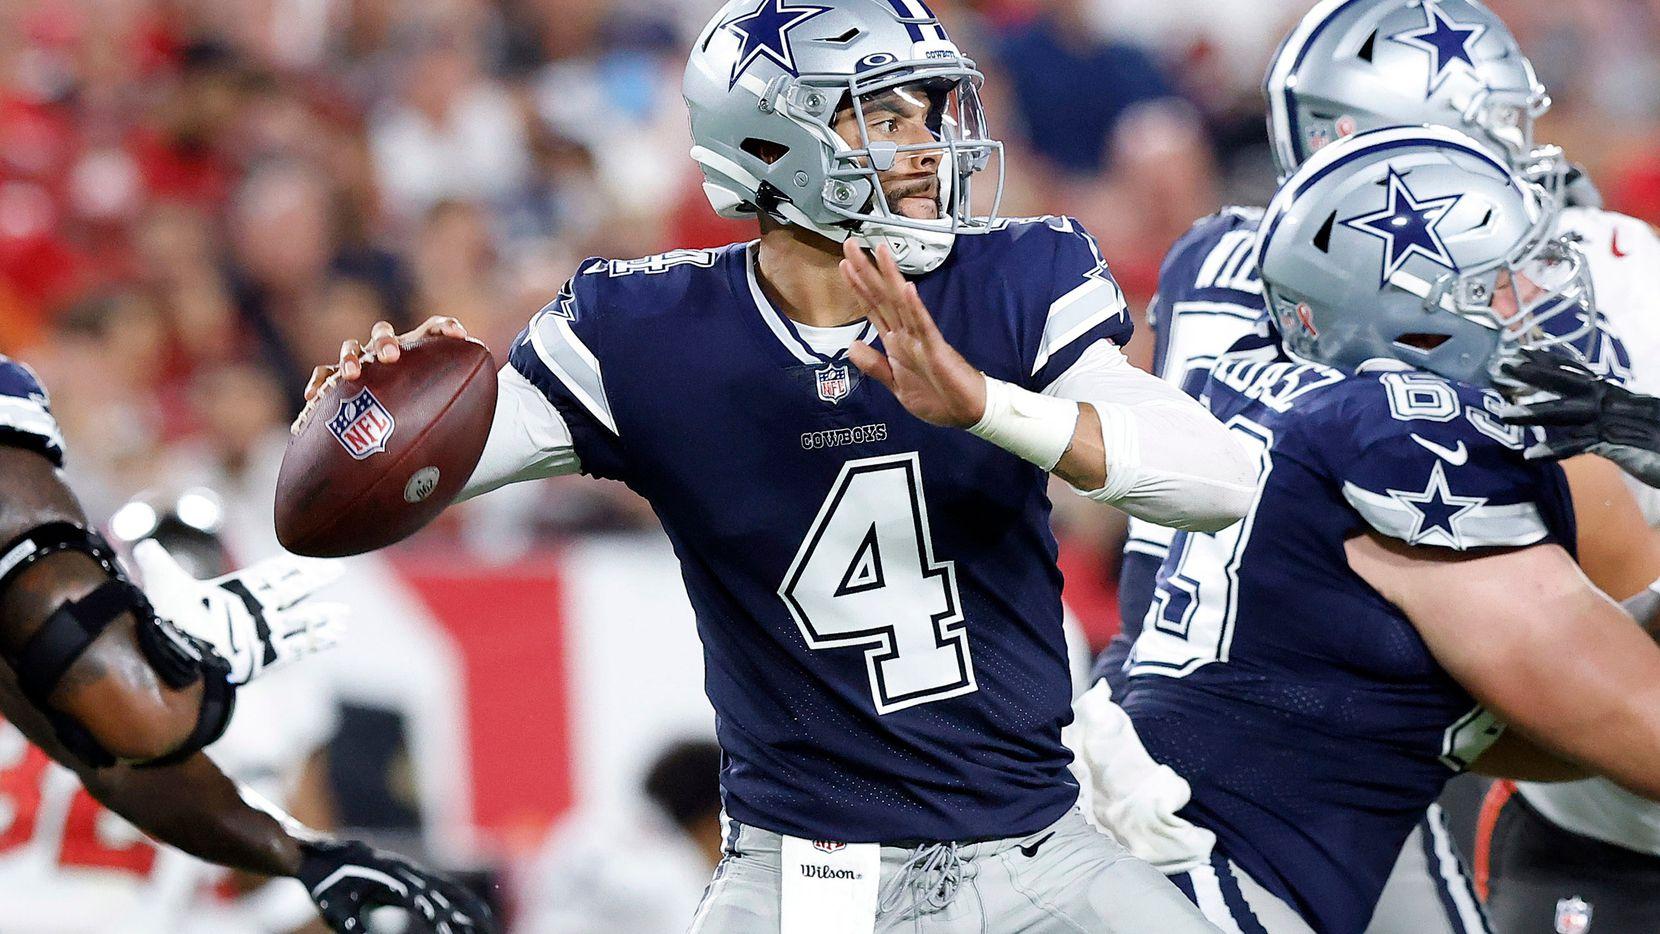 el mariscal de los Cowboys de Dallas Cowboys tendrá que tener un gran partido para que su equipo tenga oportunidad de vencer a los Chargers de Los Ángeles.